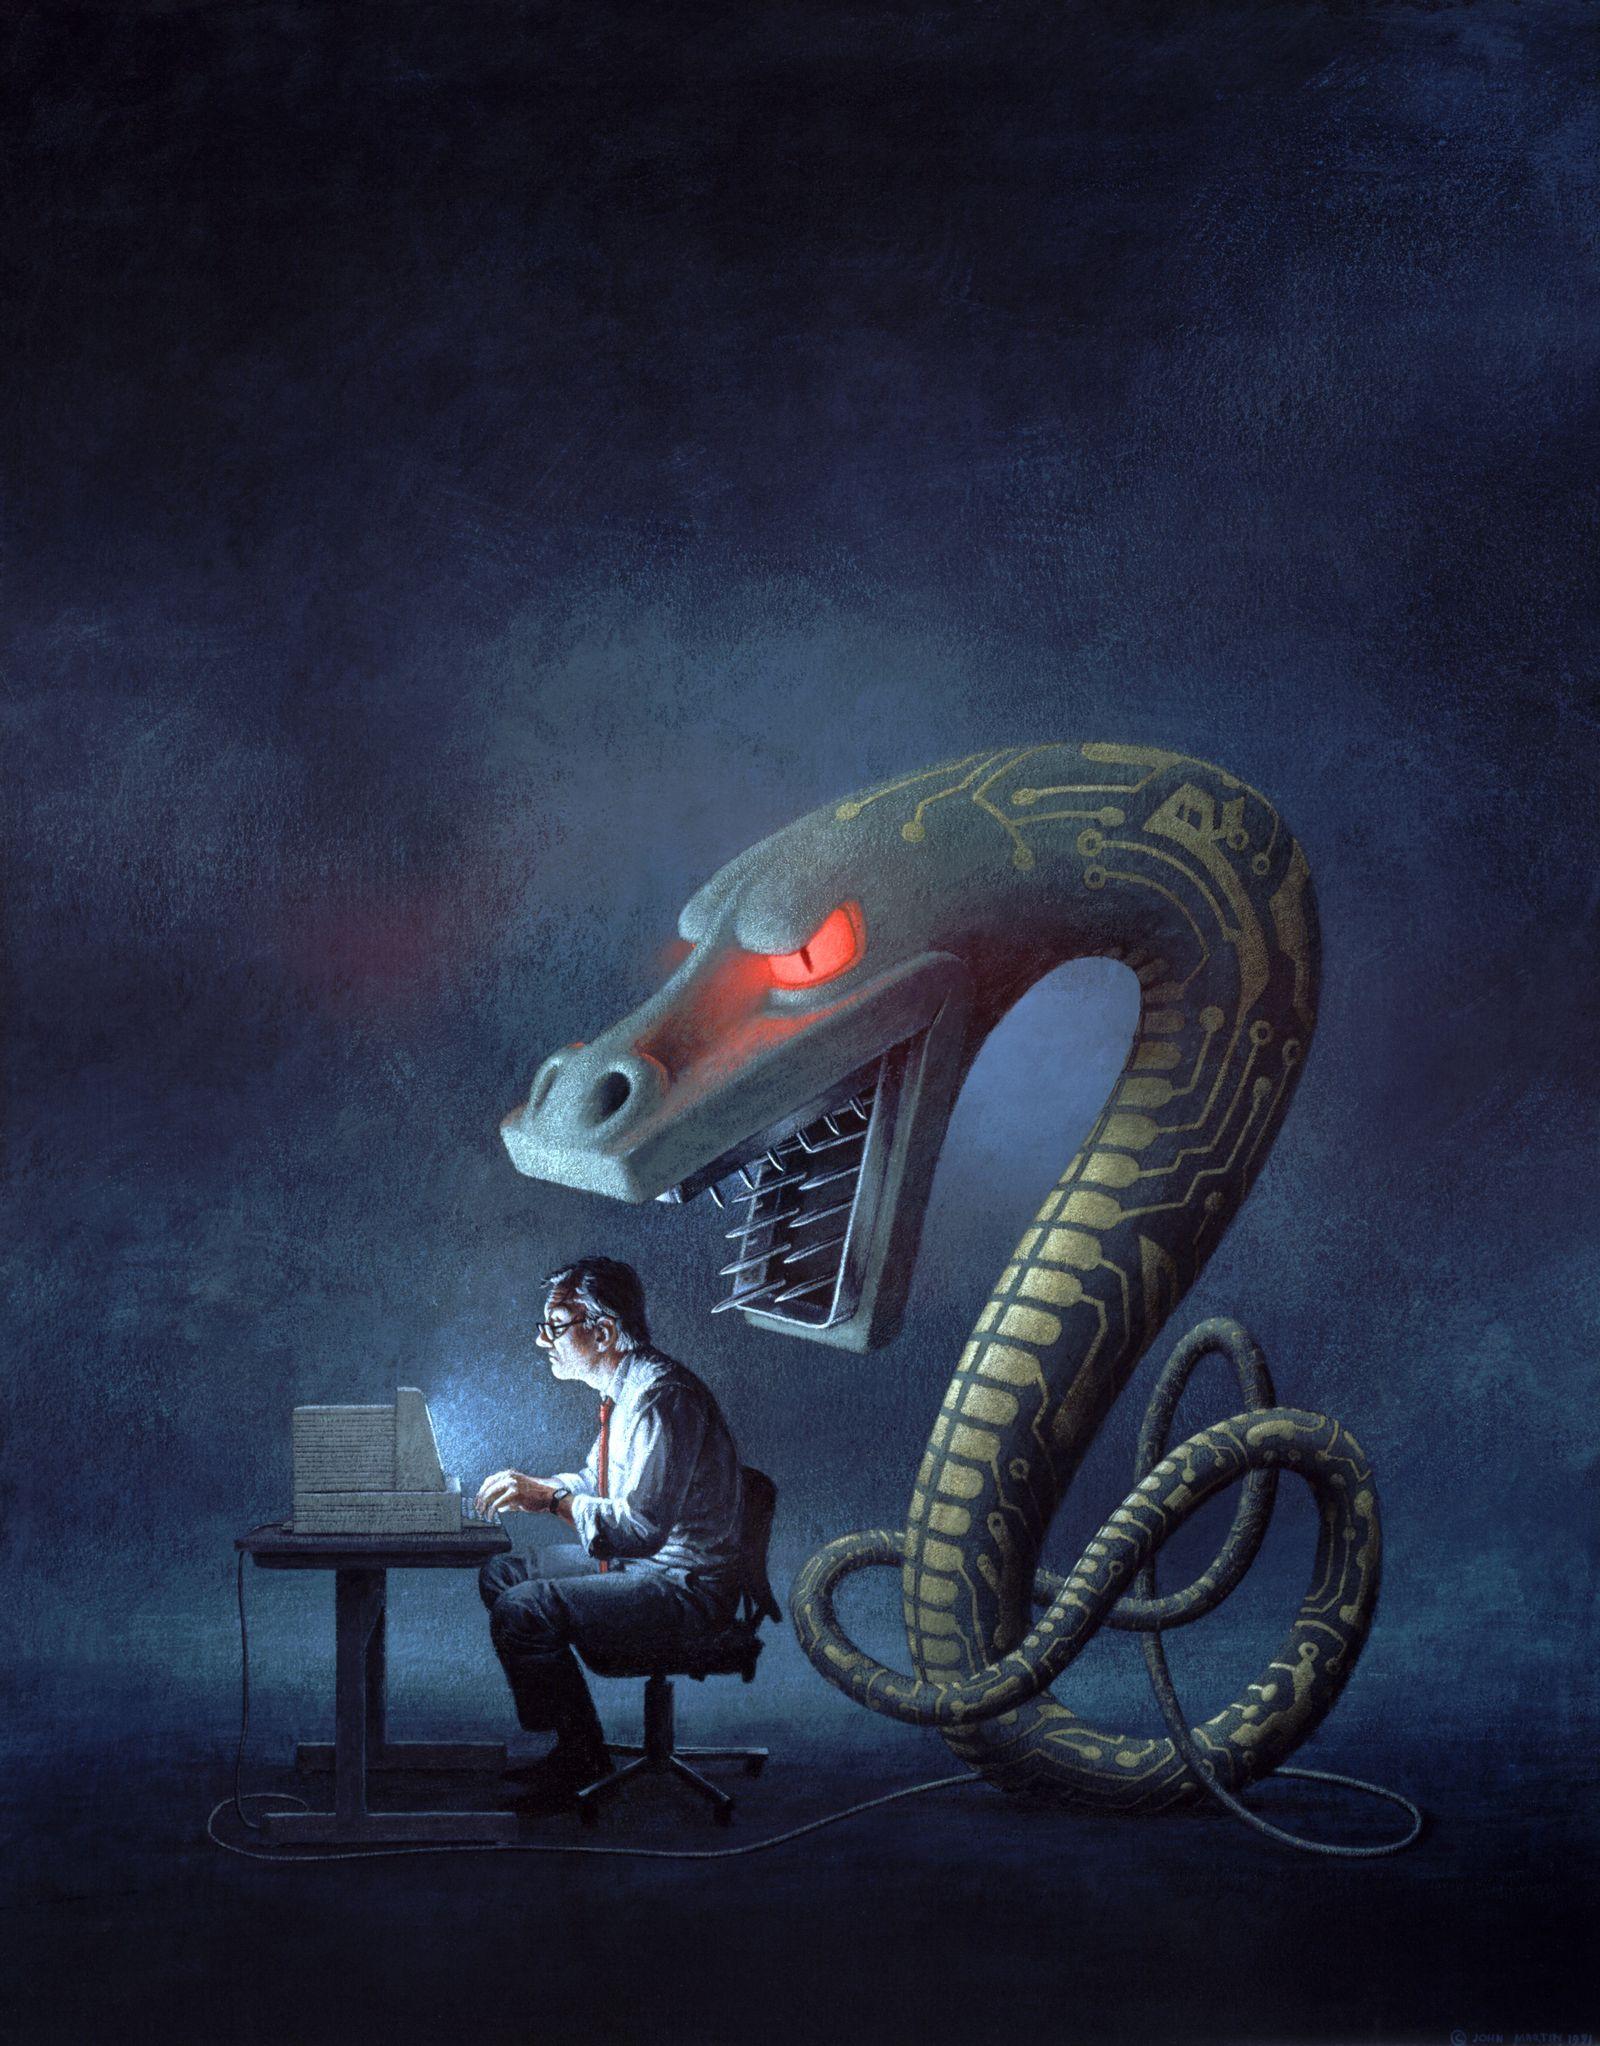 NICHT MEHR VERWENDEN! - Symbolbild / Computer Virus #1